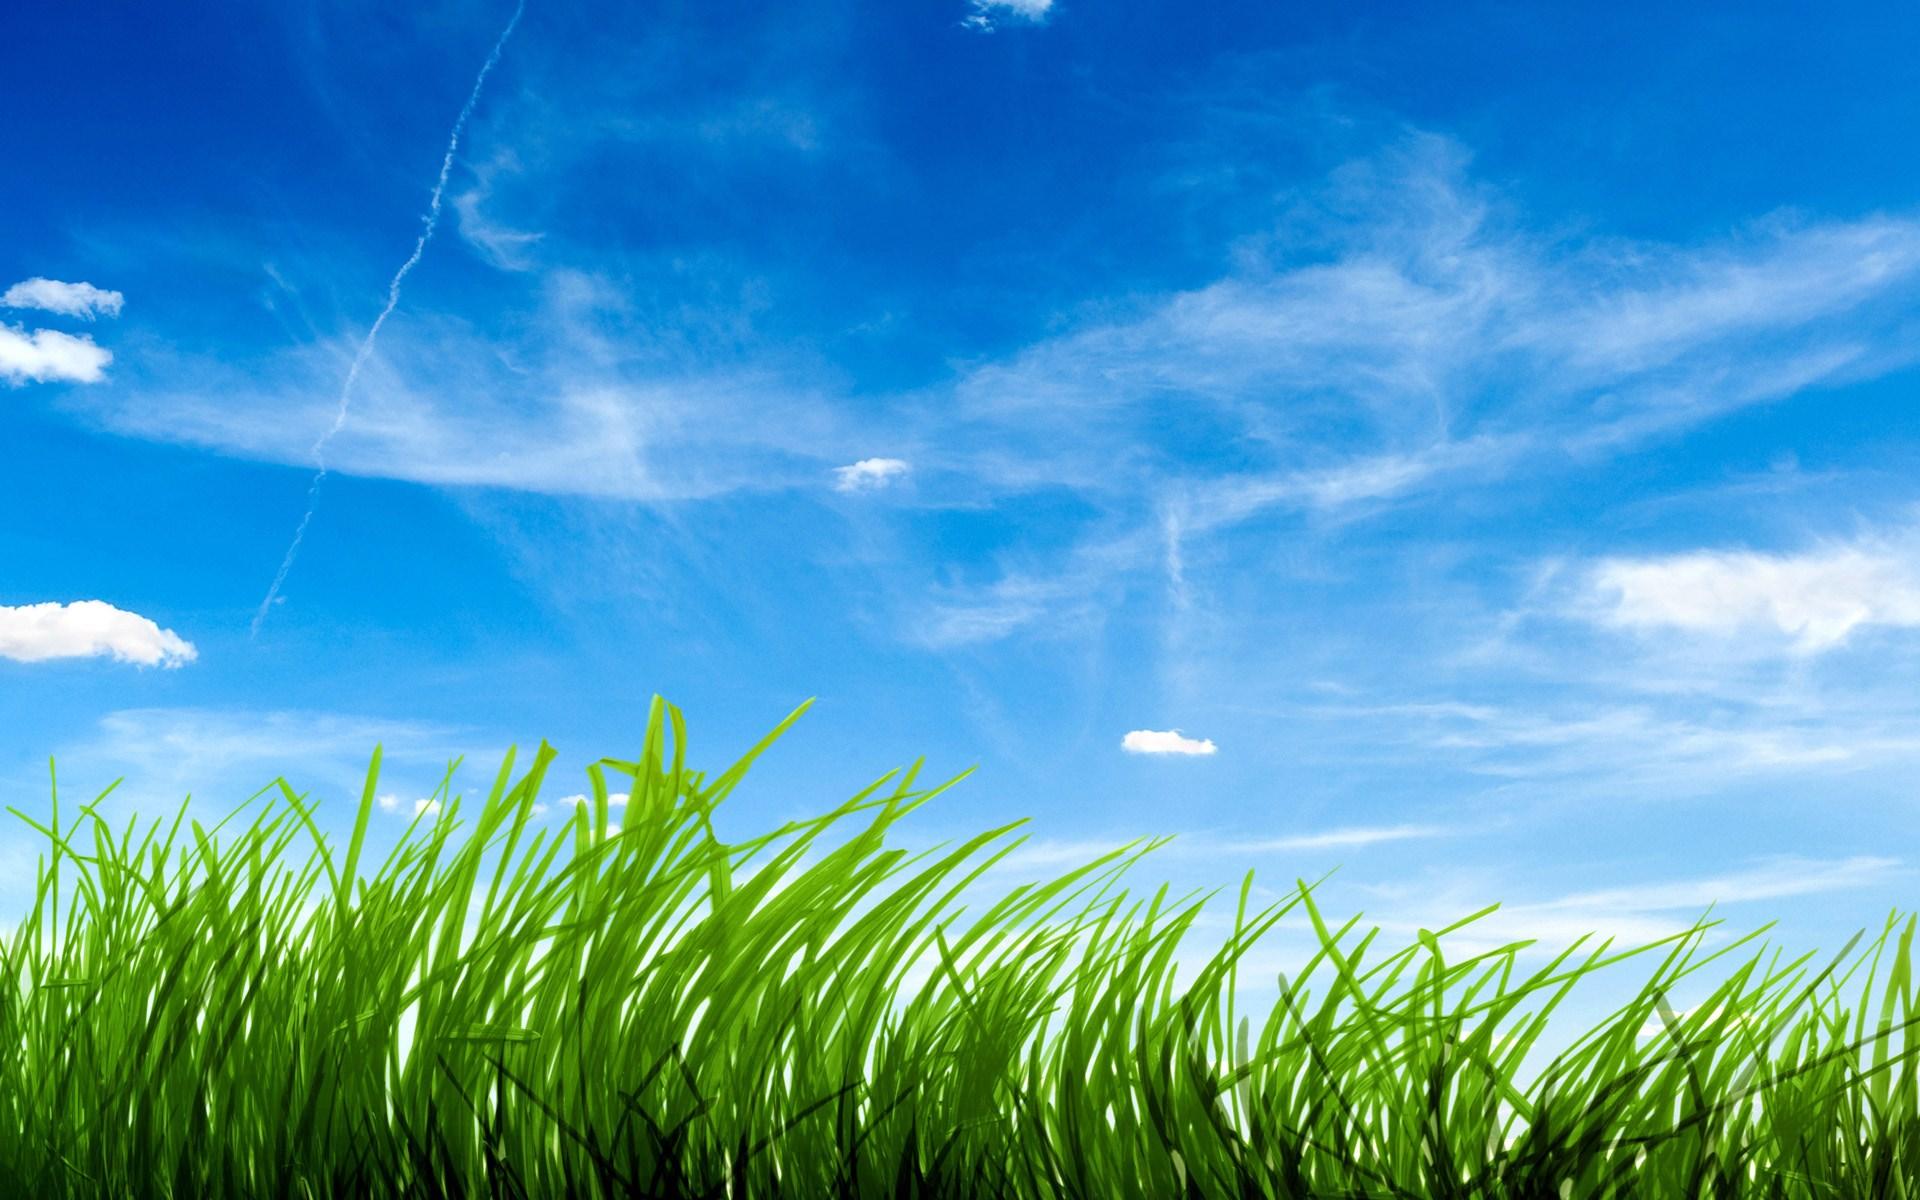 green grass blue sky. Wonderful Green Blue Sky Green Grass Wallpaper 1920x1200 768x480 Intended